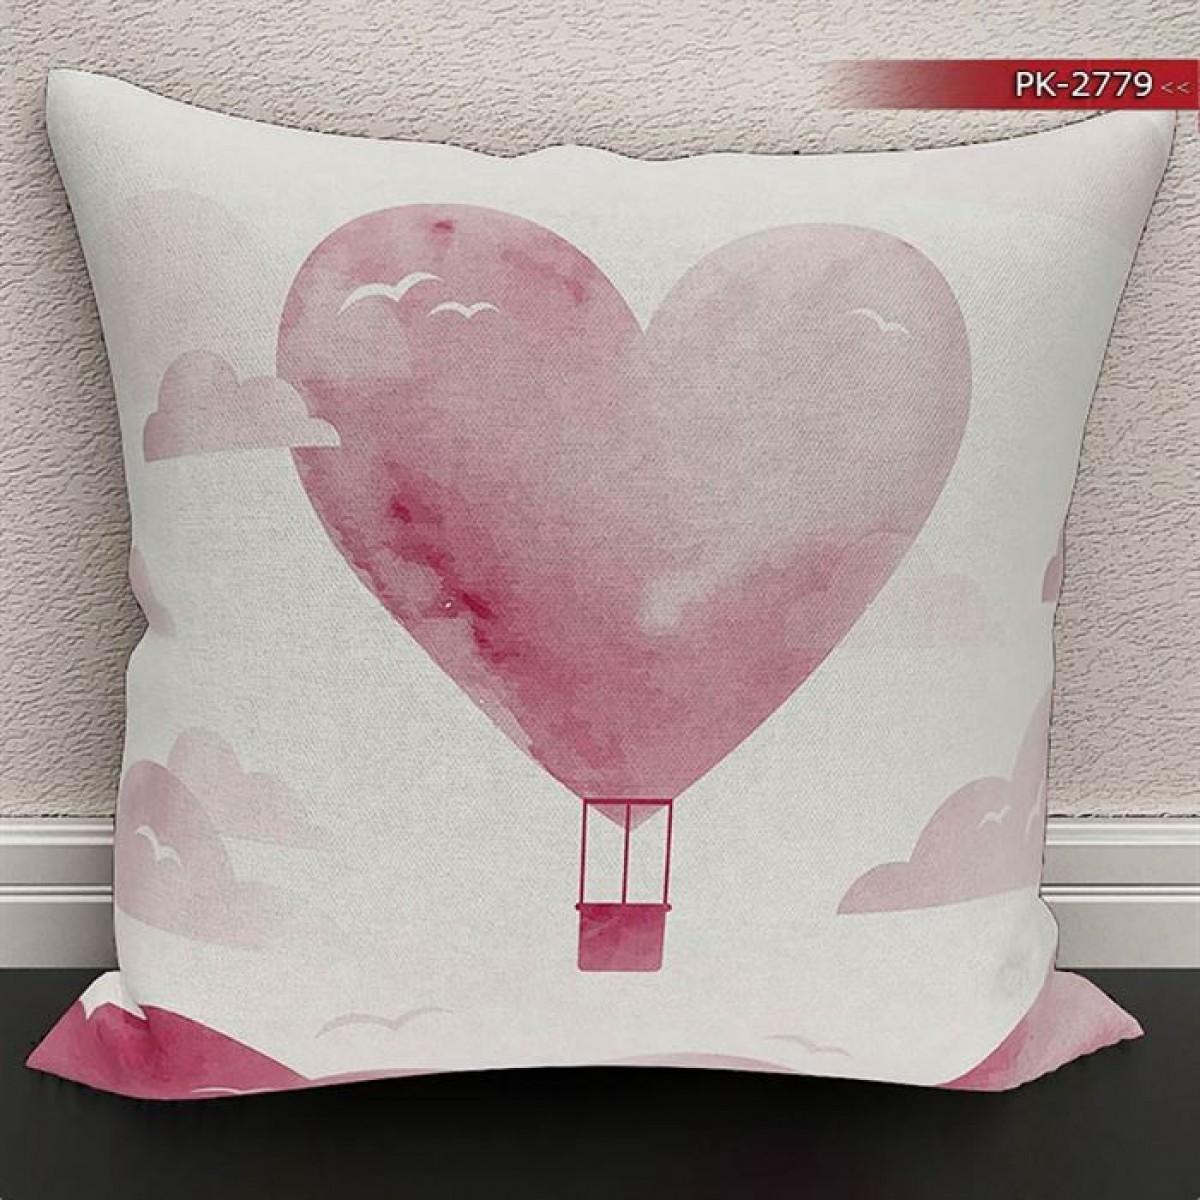 Bebek Odası - Kalp Balon  Baskılı Kırlent Kılıfı (Çift Taraflı)